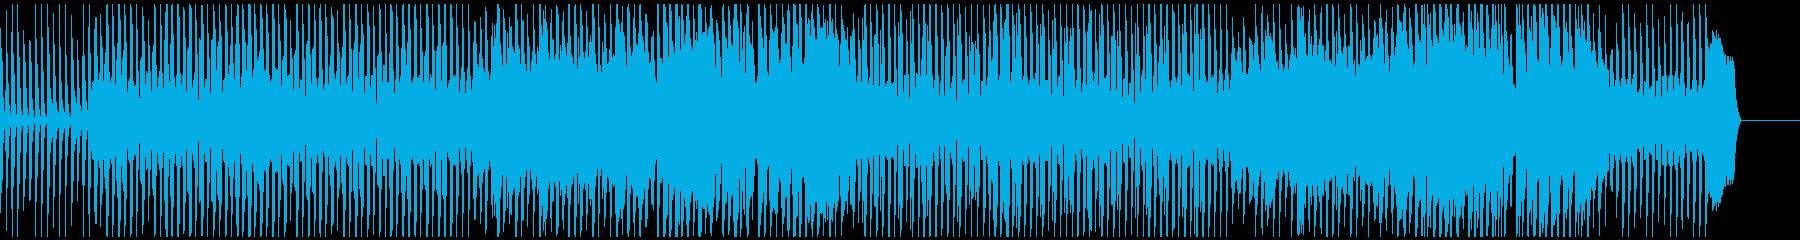 会話シーン向けのリコーダーとピアノBGMの再生済みの波形